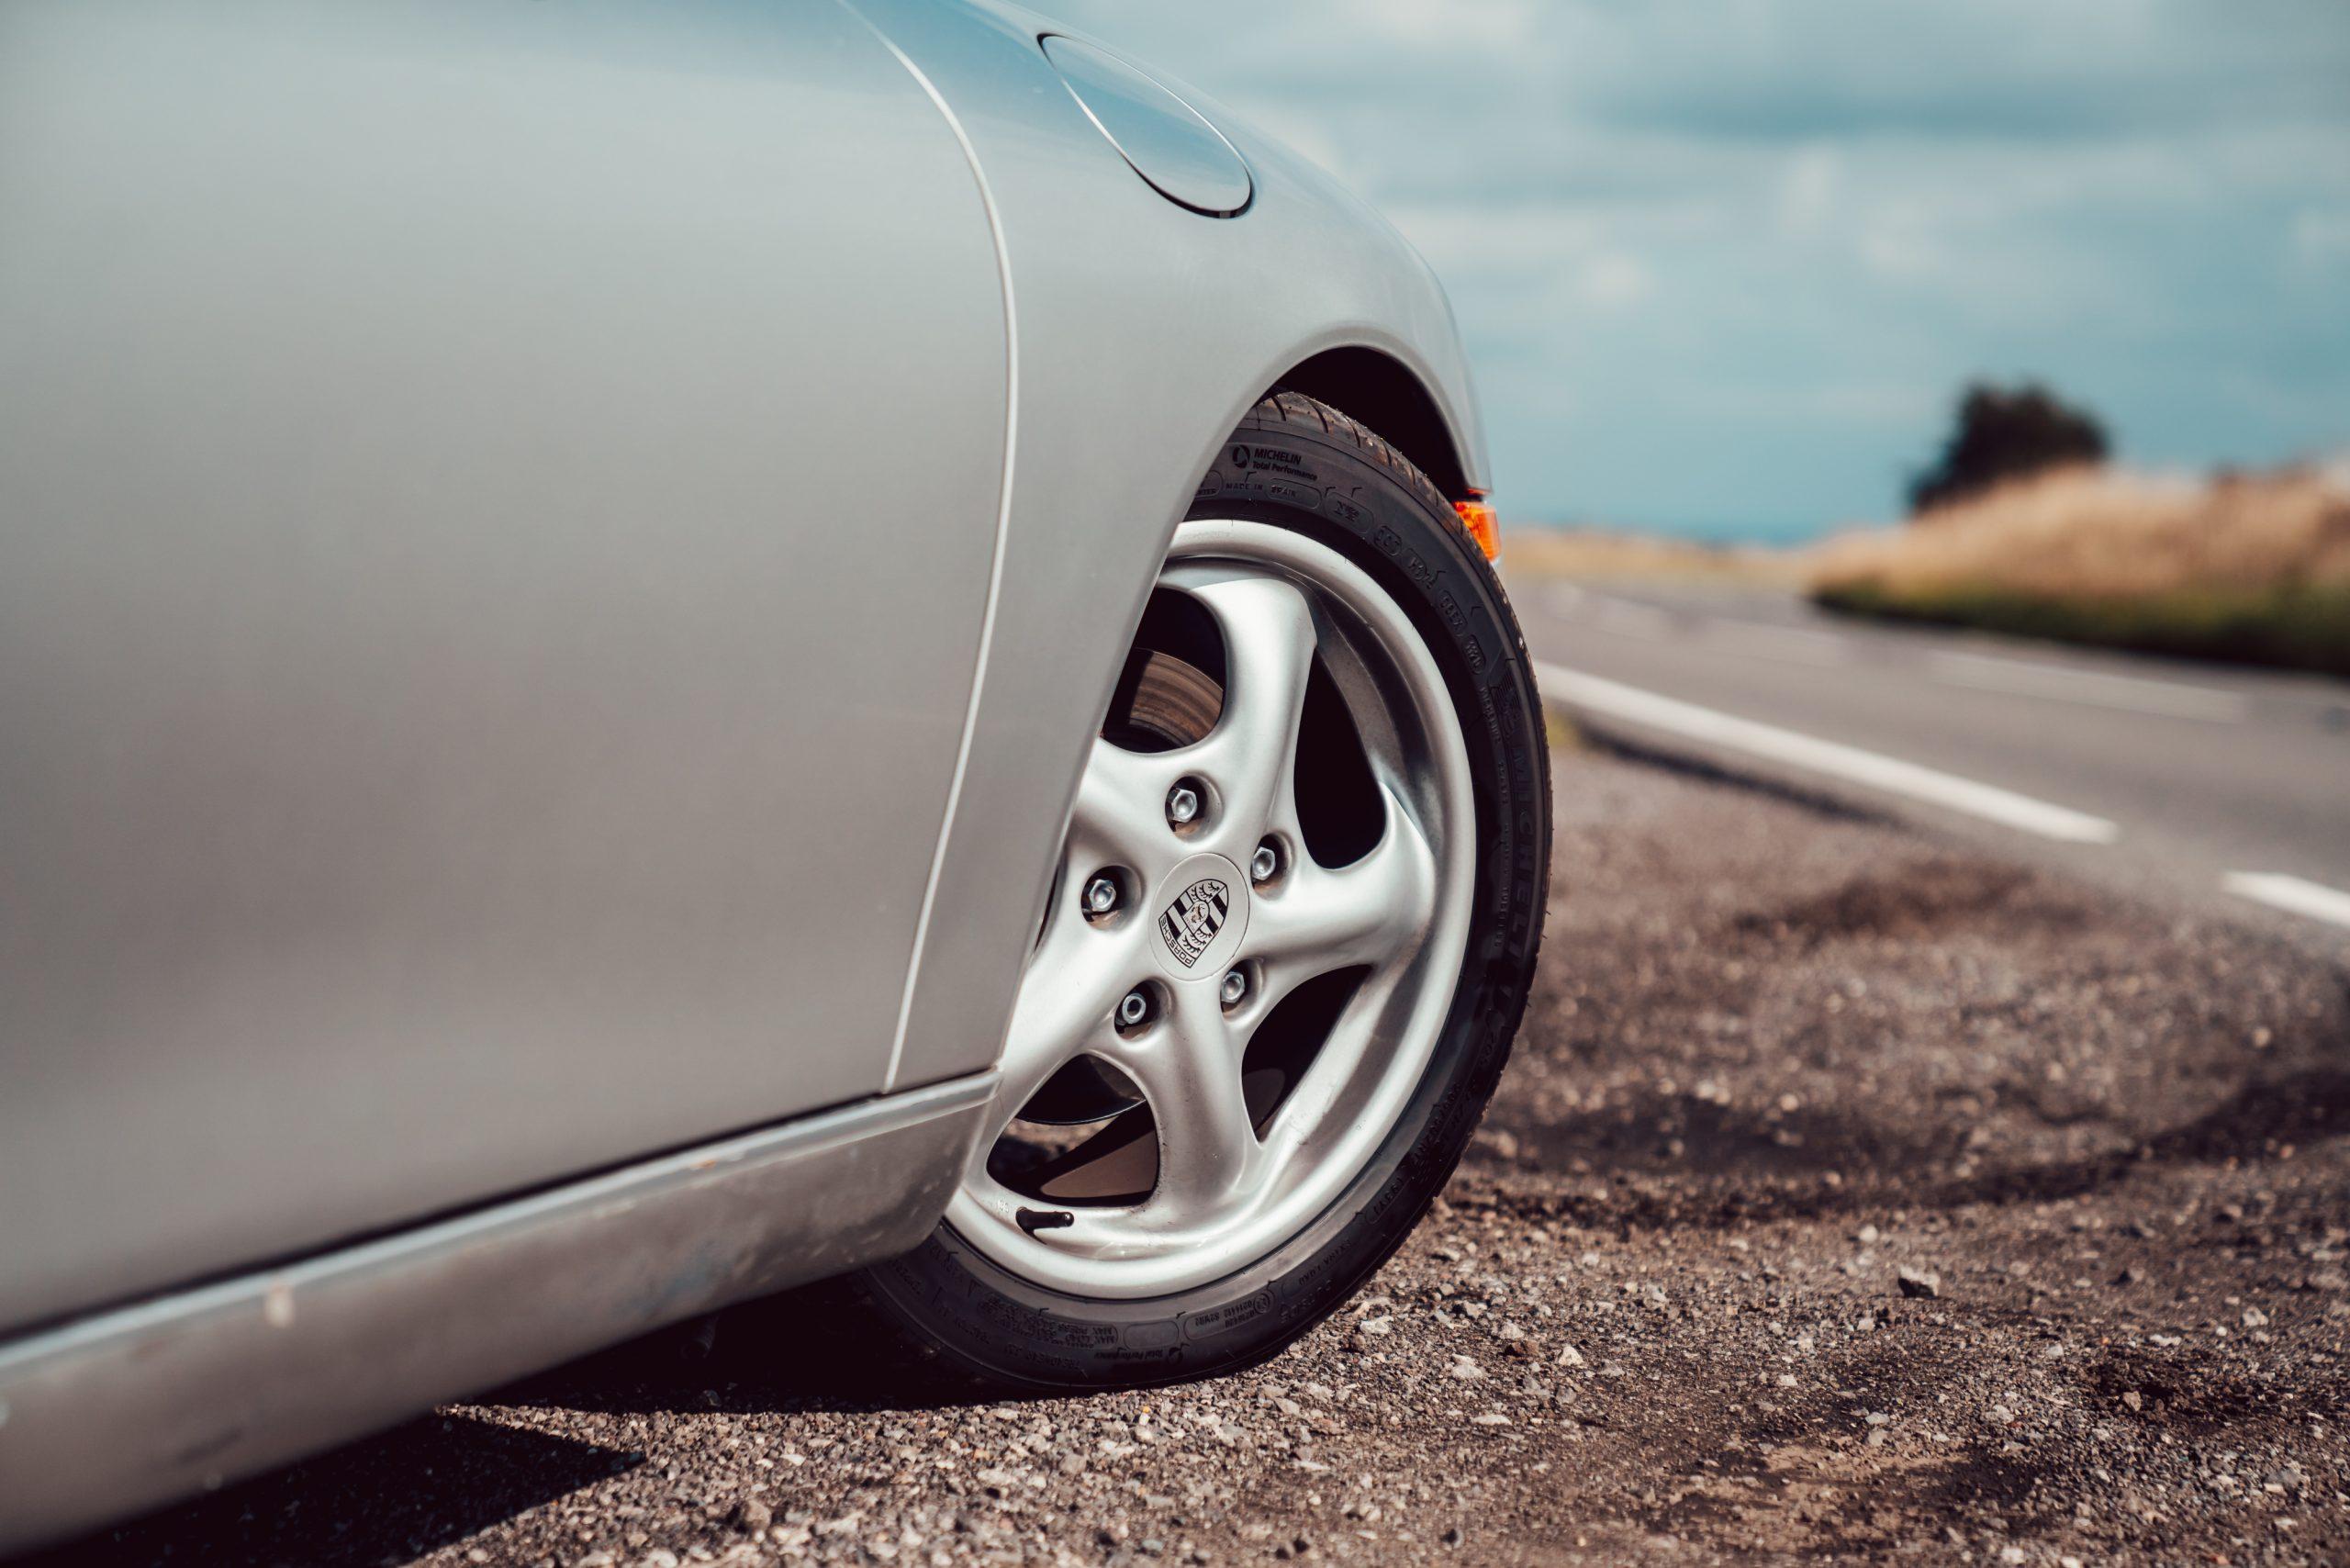 1998 Porsche Boxster 986 wheel and tire